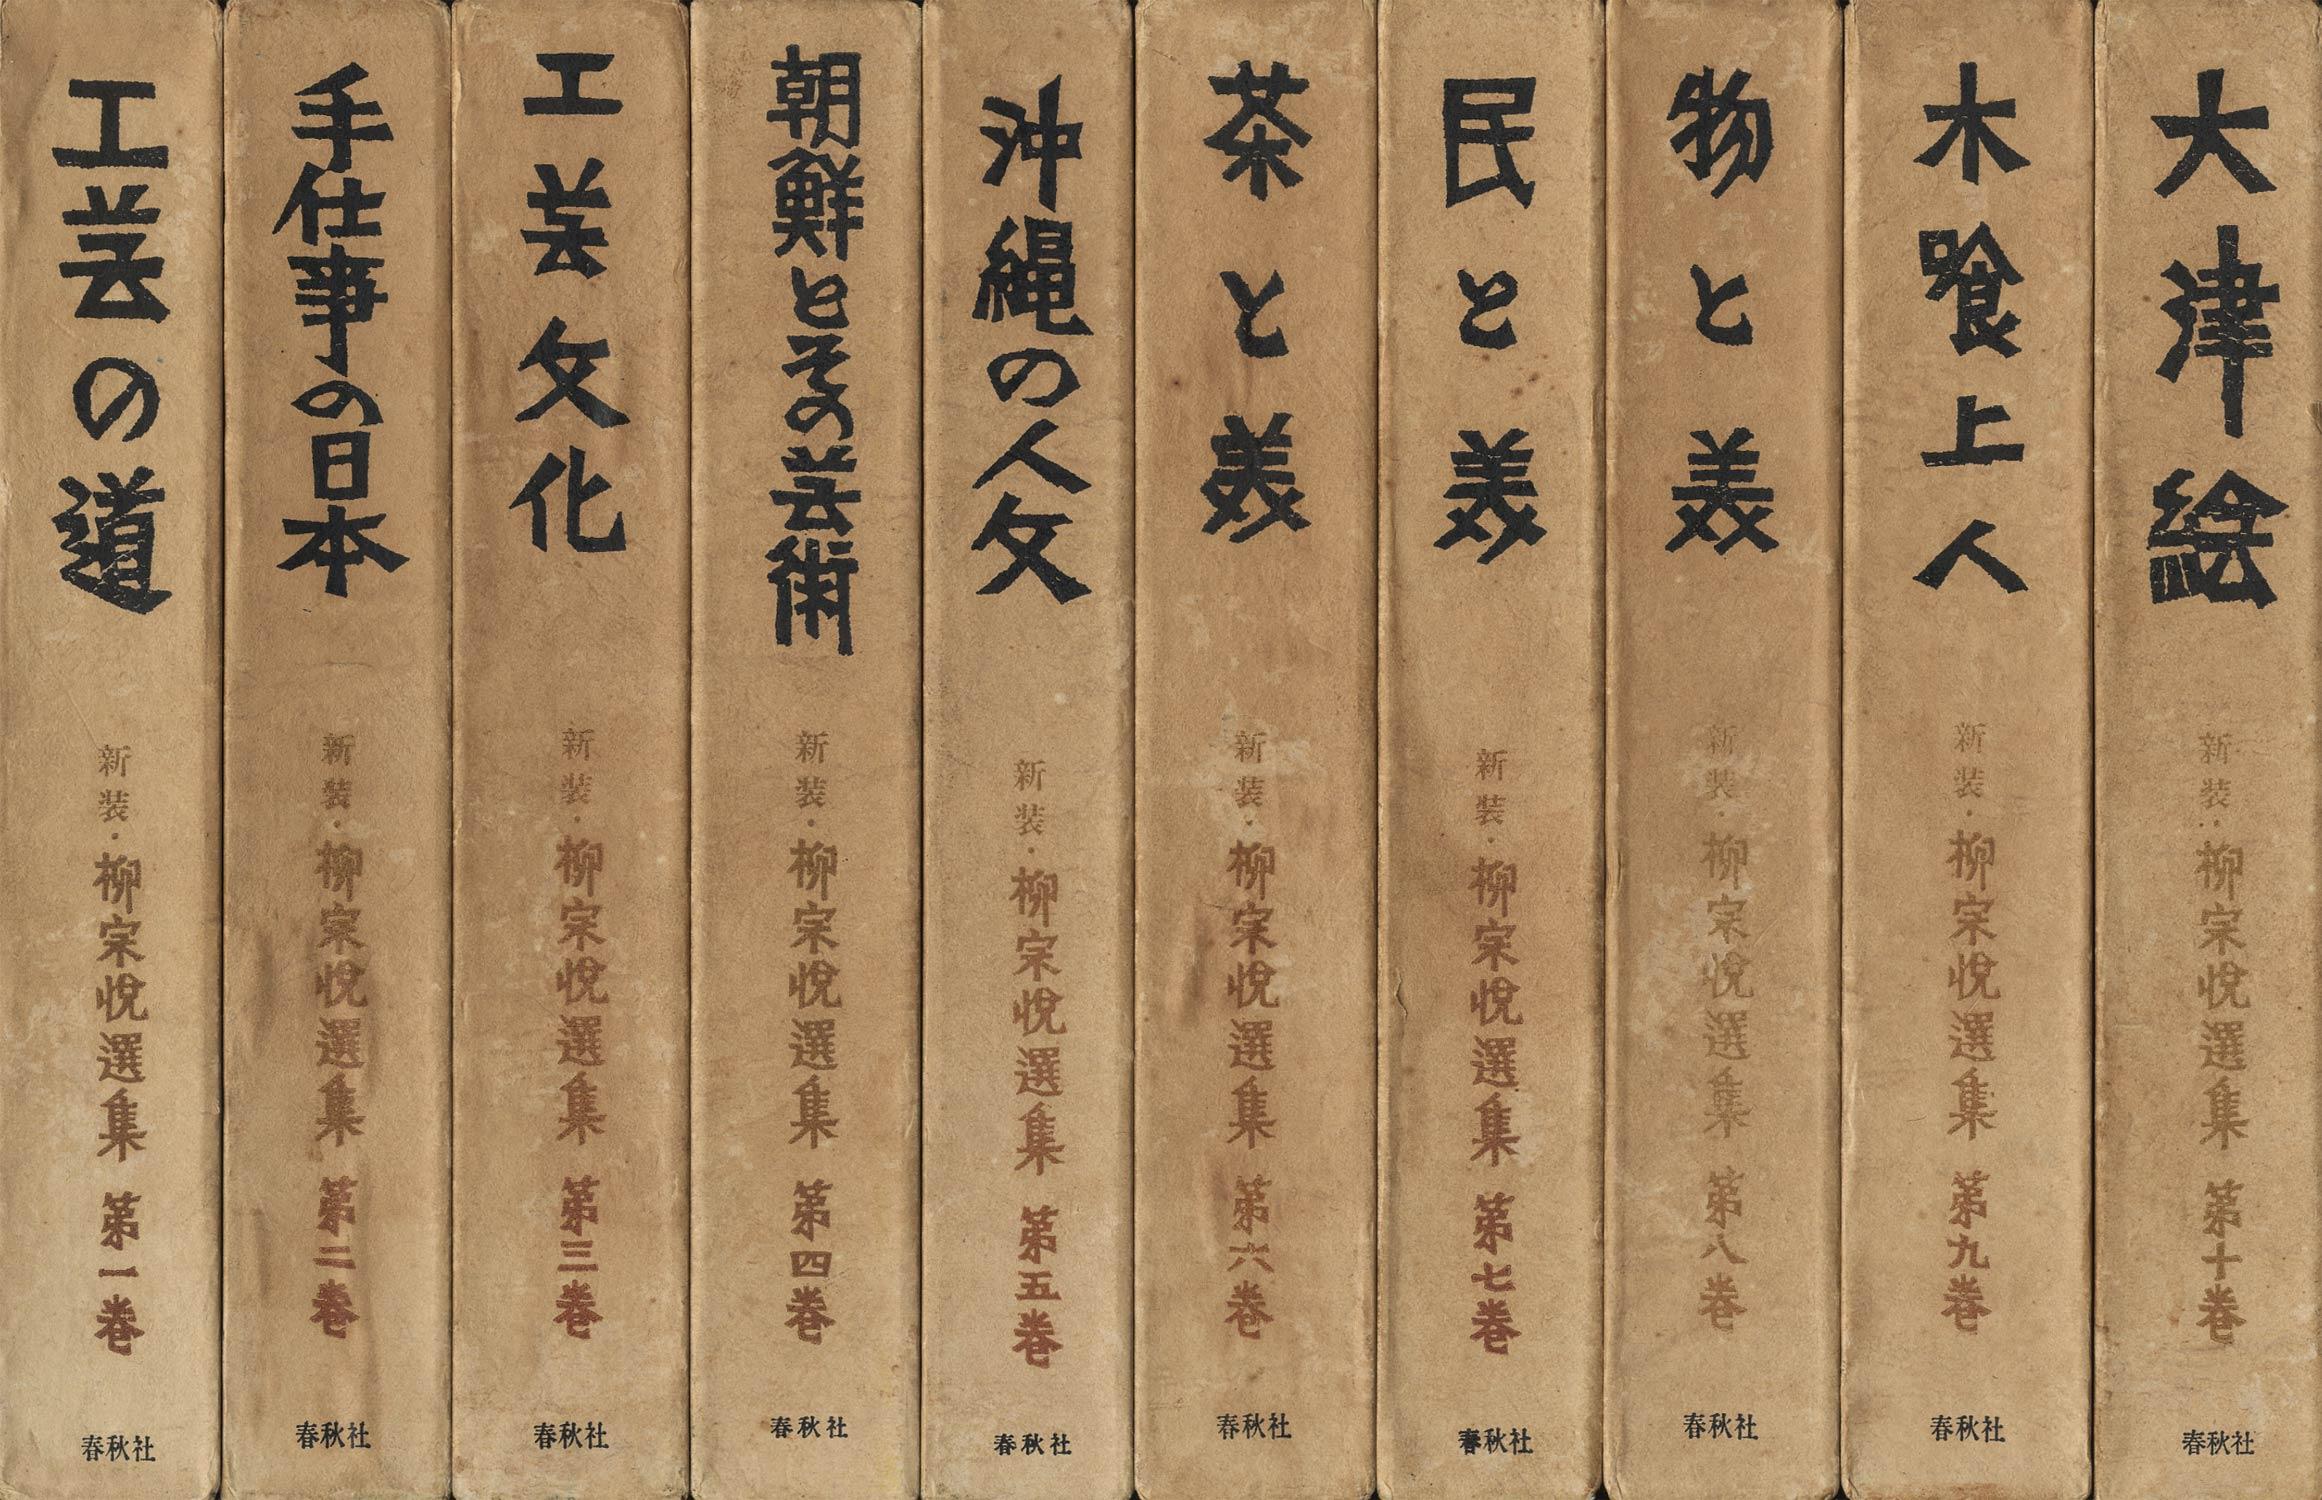 新装 柳宗悦選集 全10巻揃